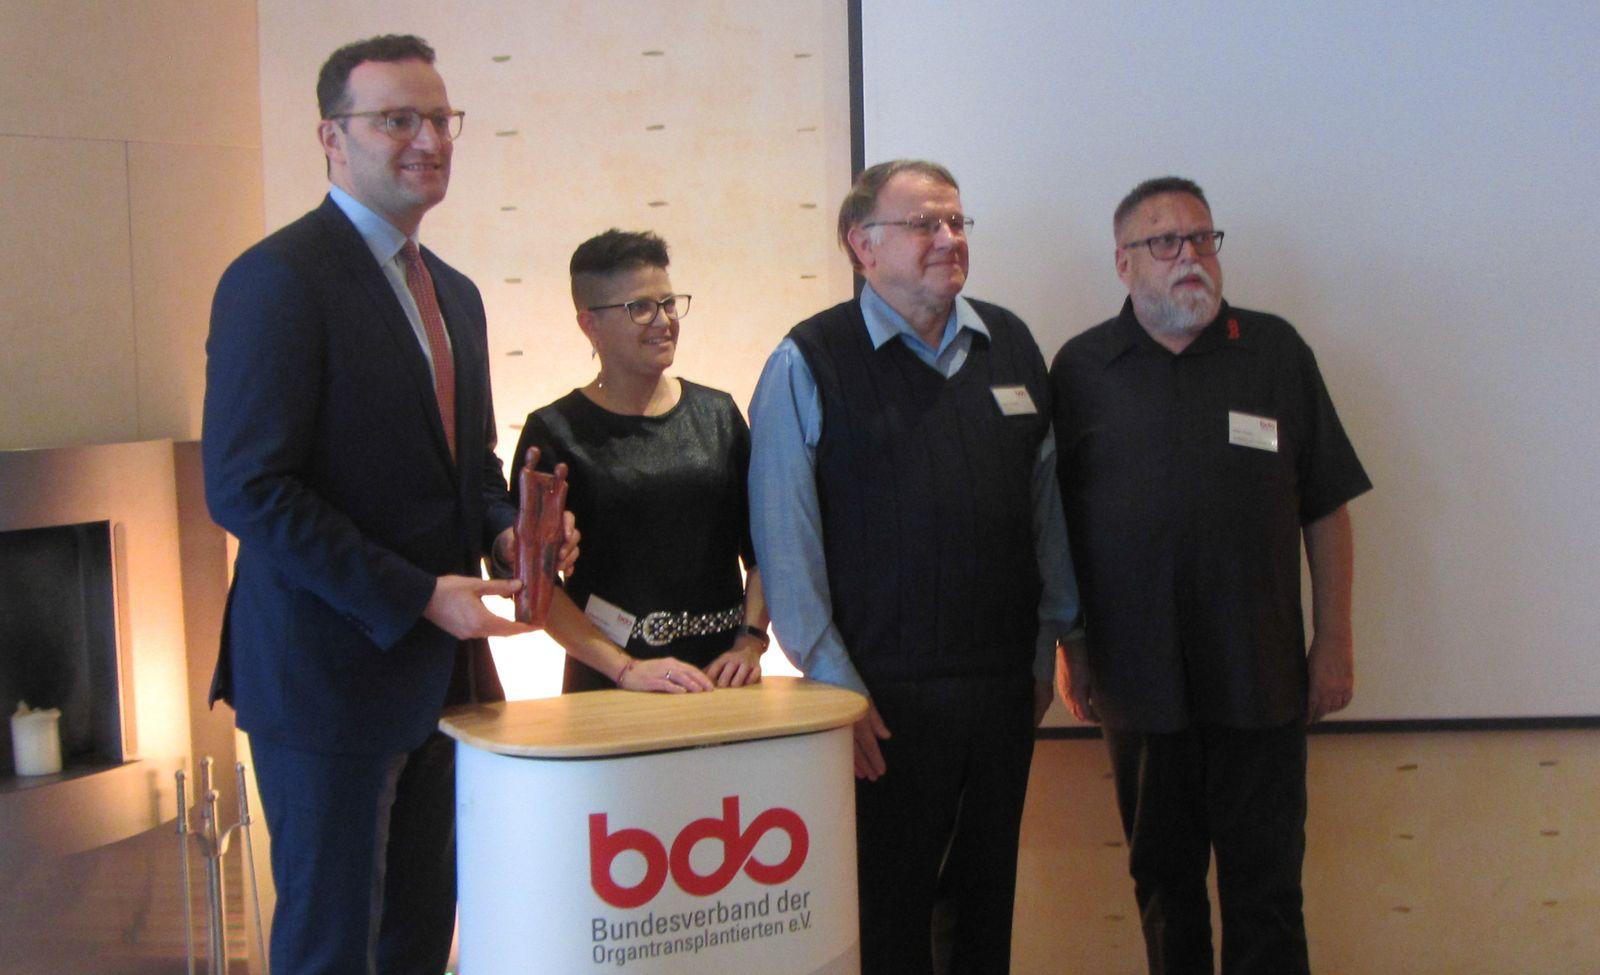 Minister Jens Spahn, Claudia Krogul (stellv. Vorsitzende), Hartmut Roestel (Schatzmeister) und Peter Fricke /BDO-Vorsitzender